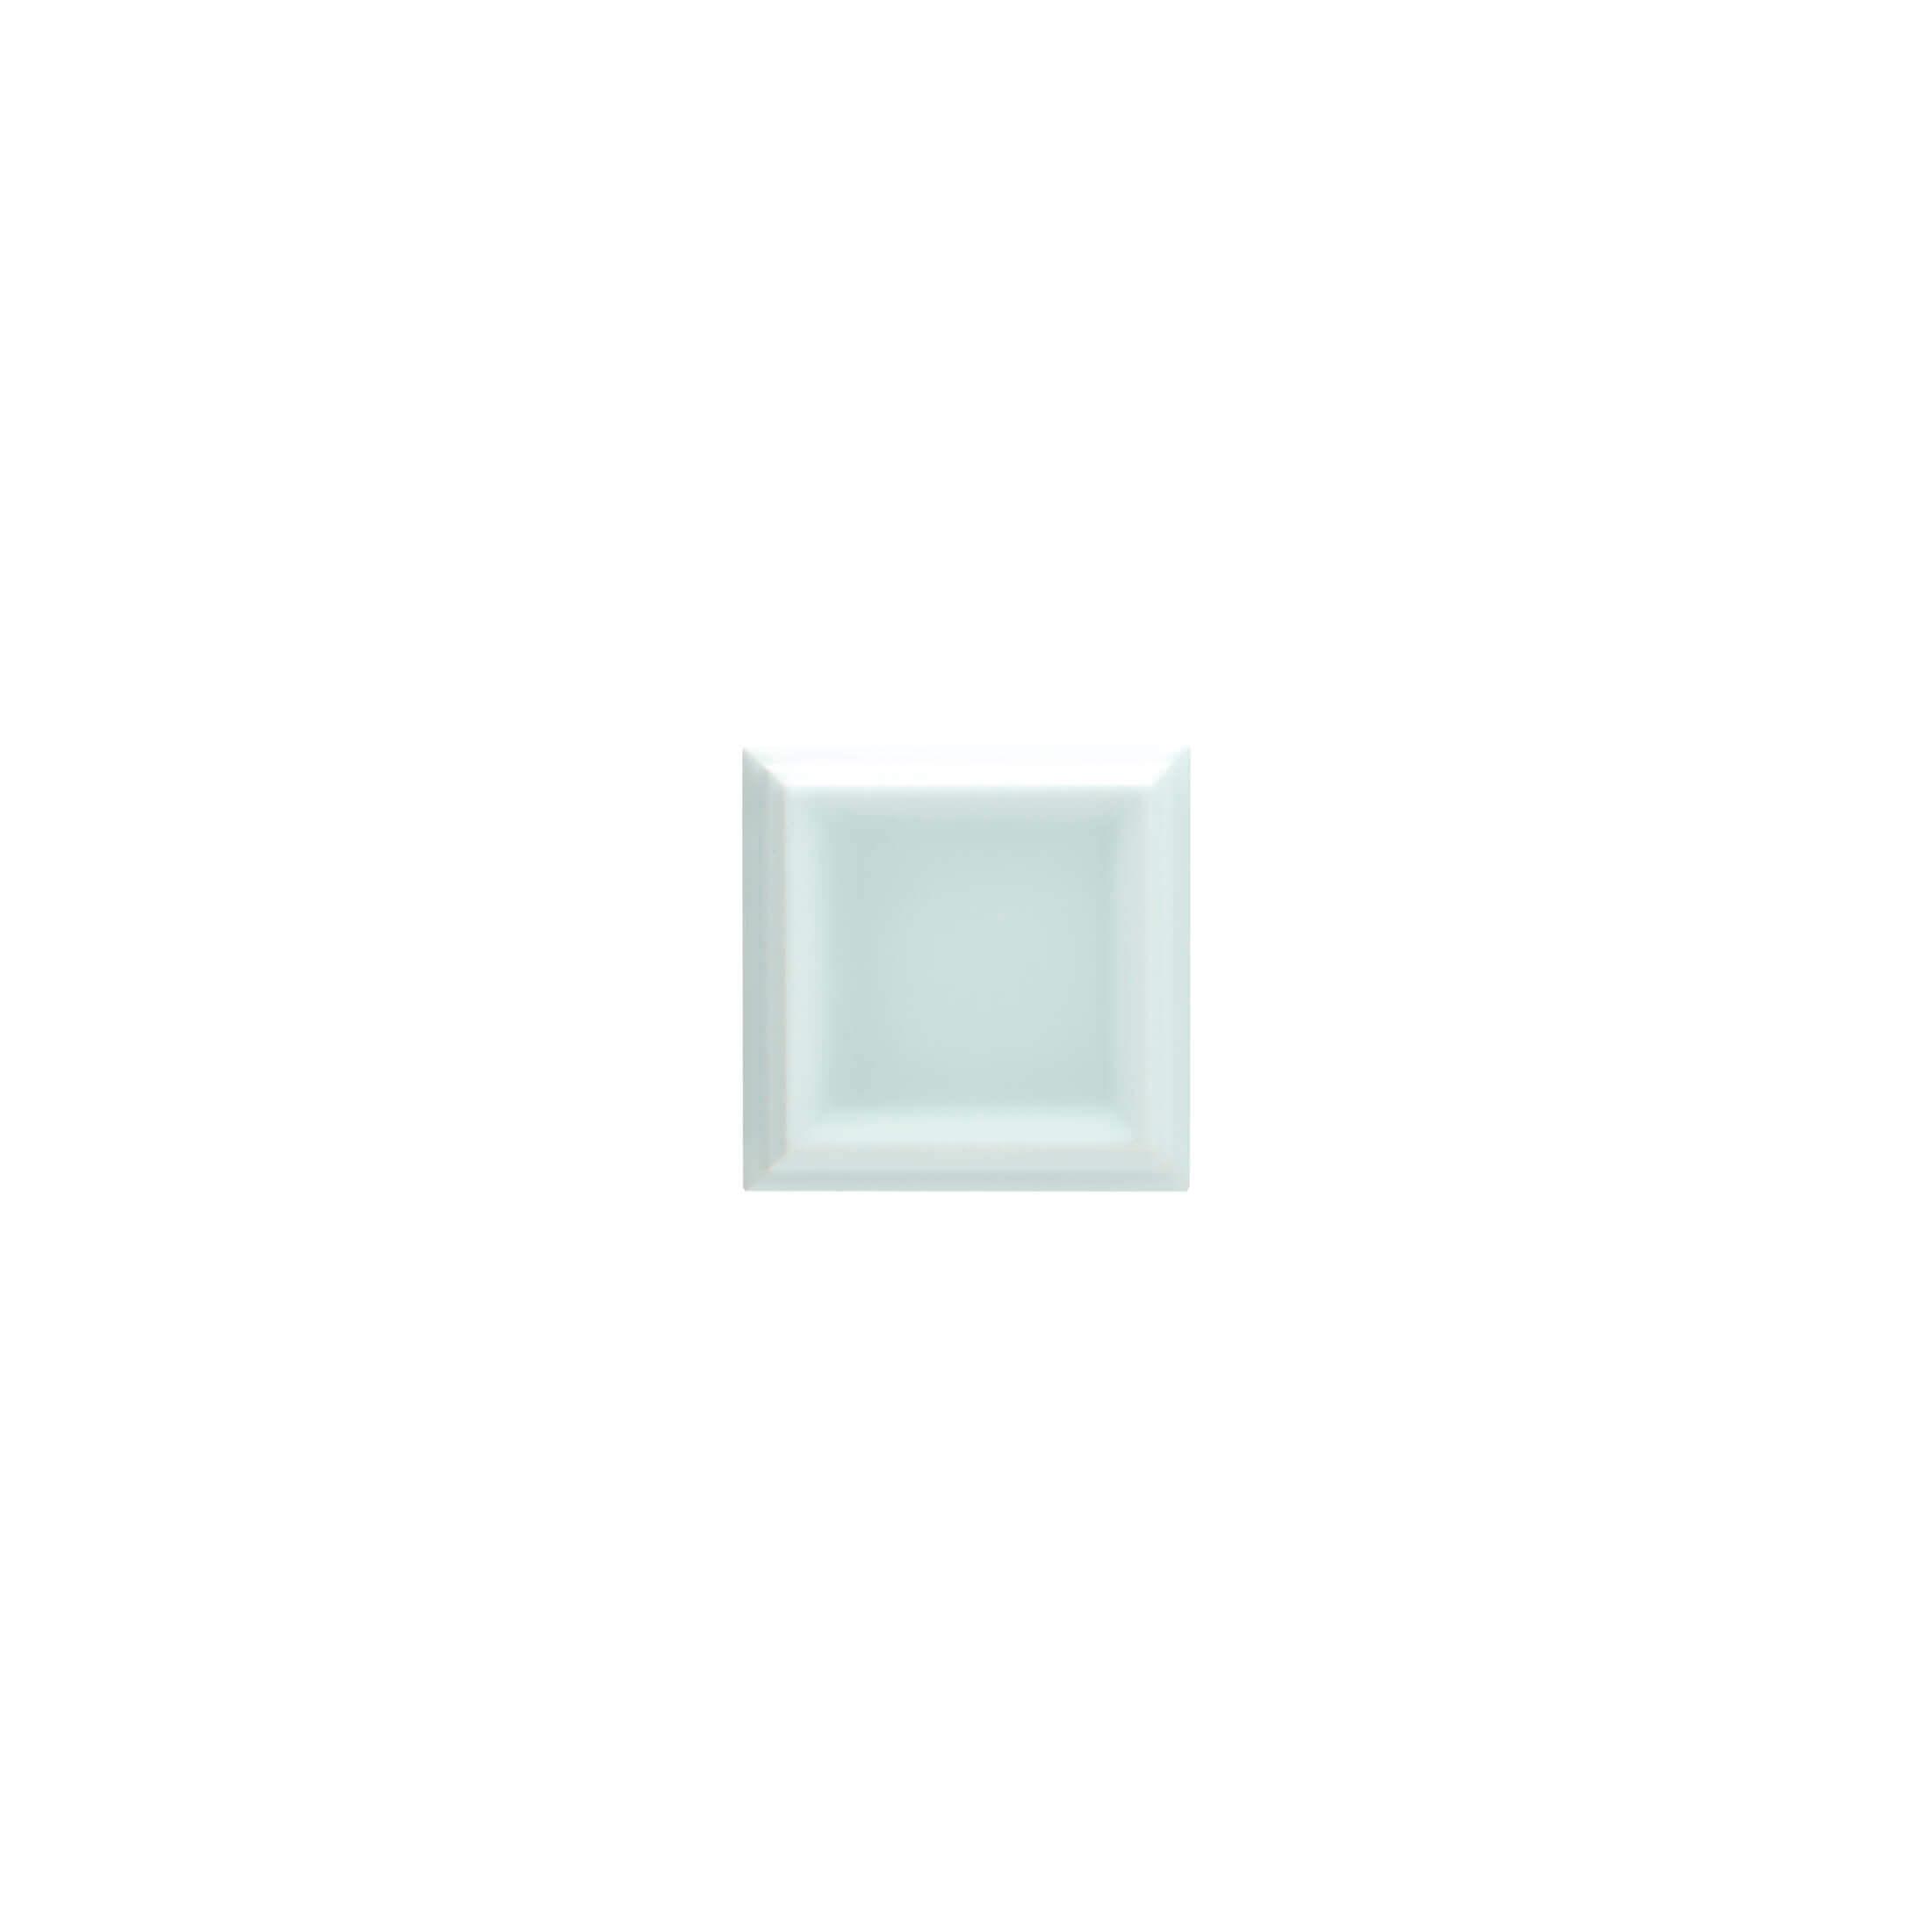 ADST1069 - LISO FRAMED - 7.3 cm X 7.3 cm